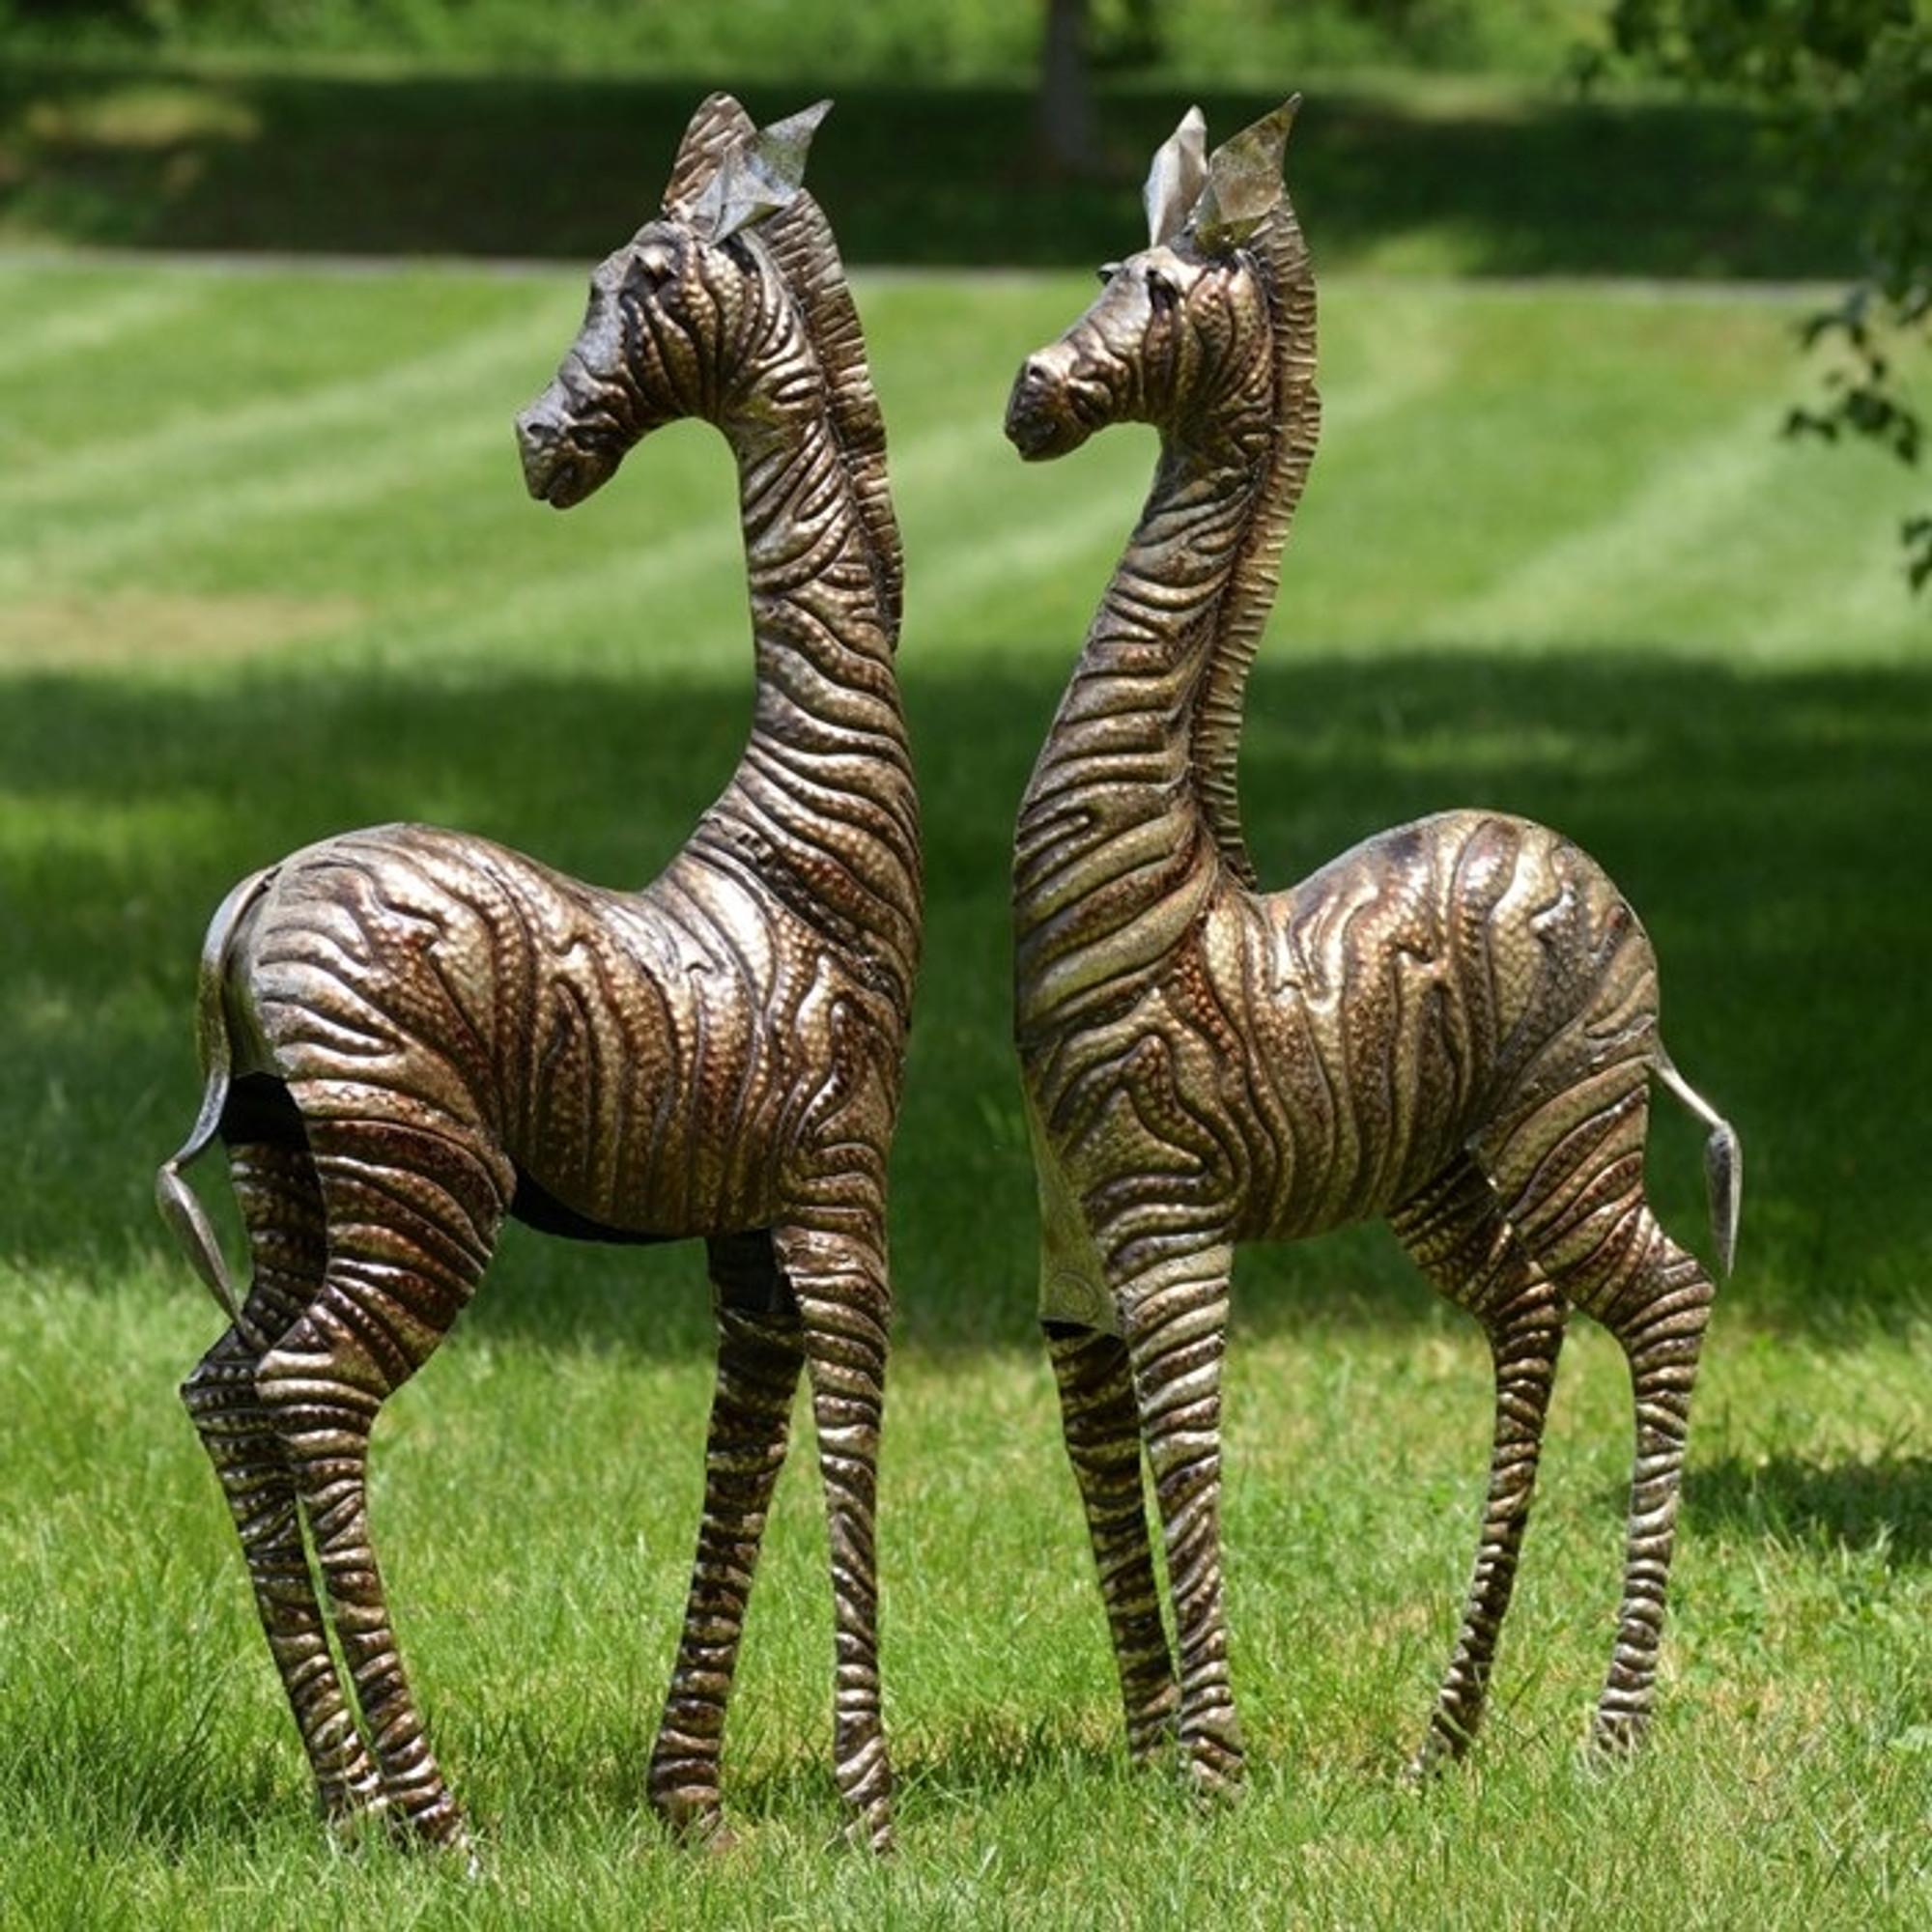 Zebra Sculpture Outdoor Metal Zebra Statue Garden Decor